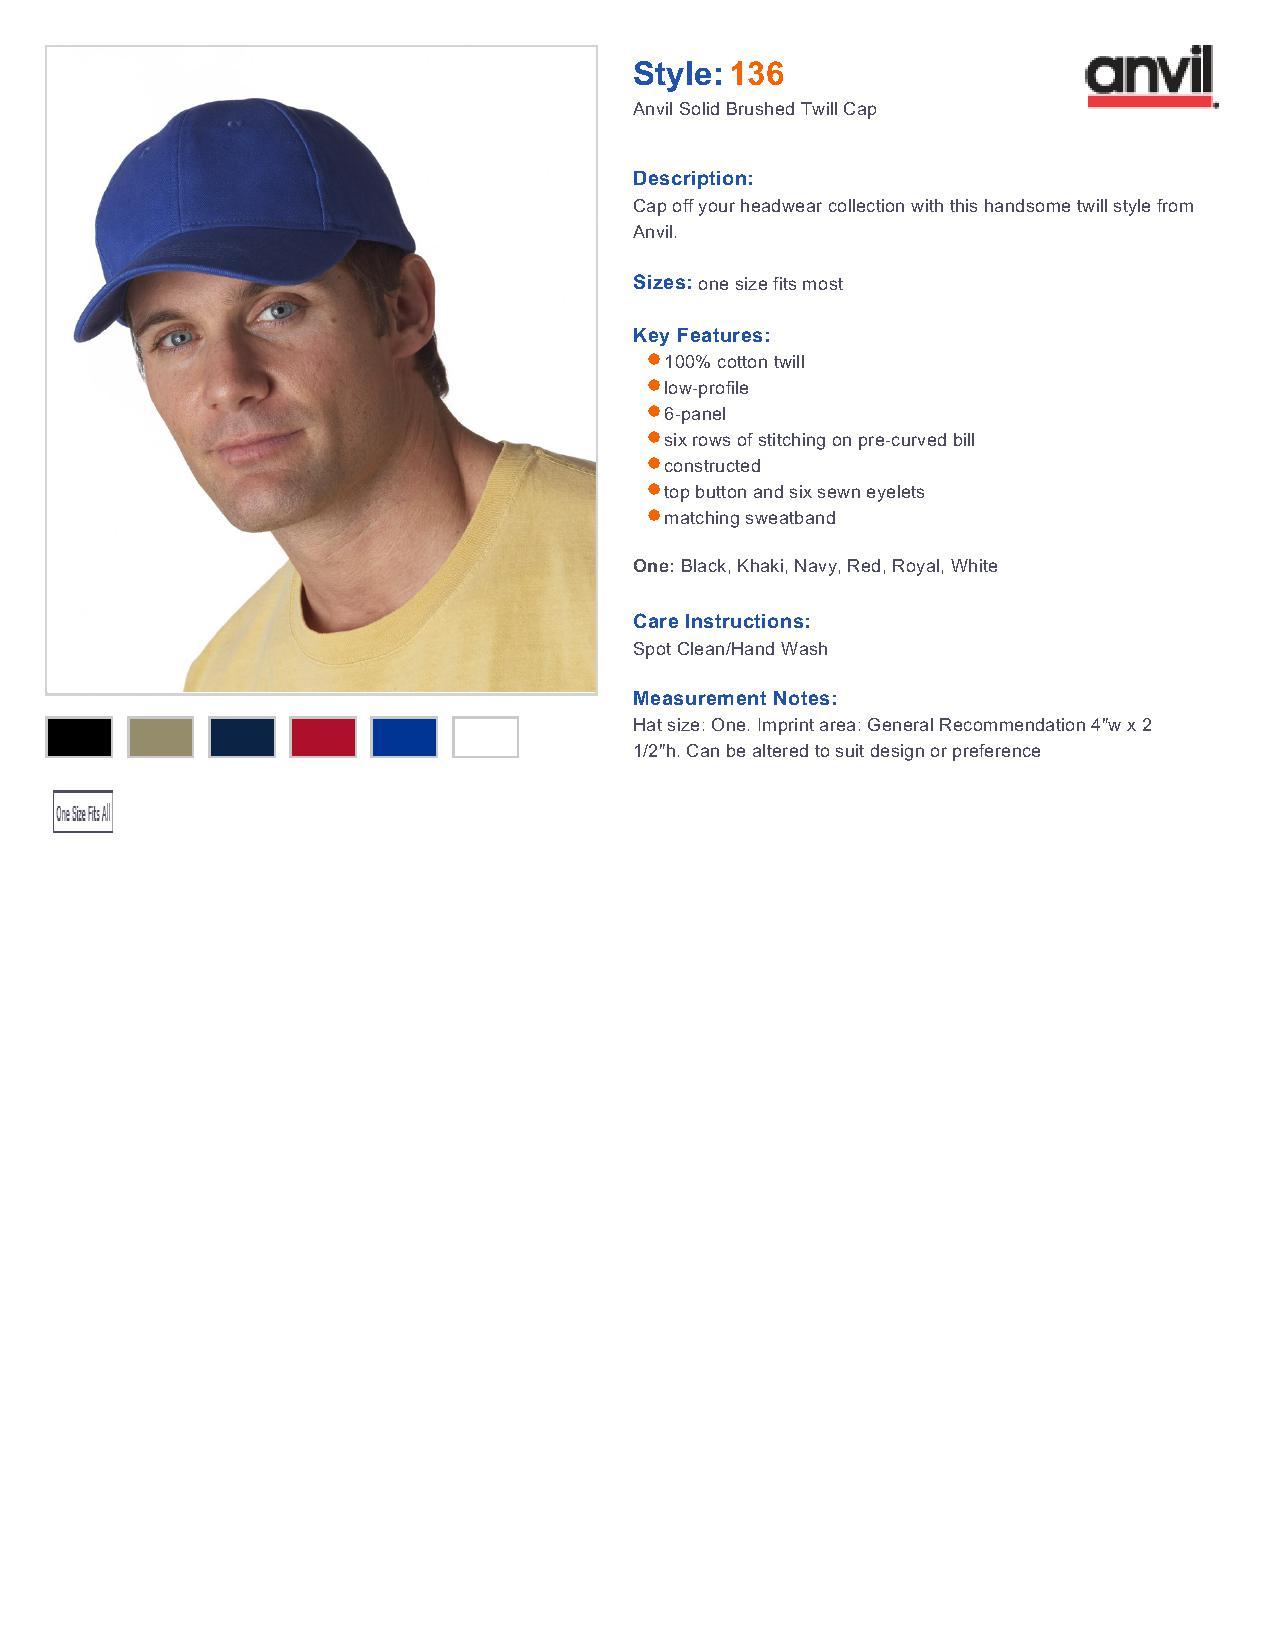 742c5f7d6c8 Anvil 136 6-Panel Brushed Twill Cap  3.50 - Headwear